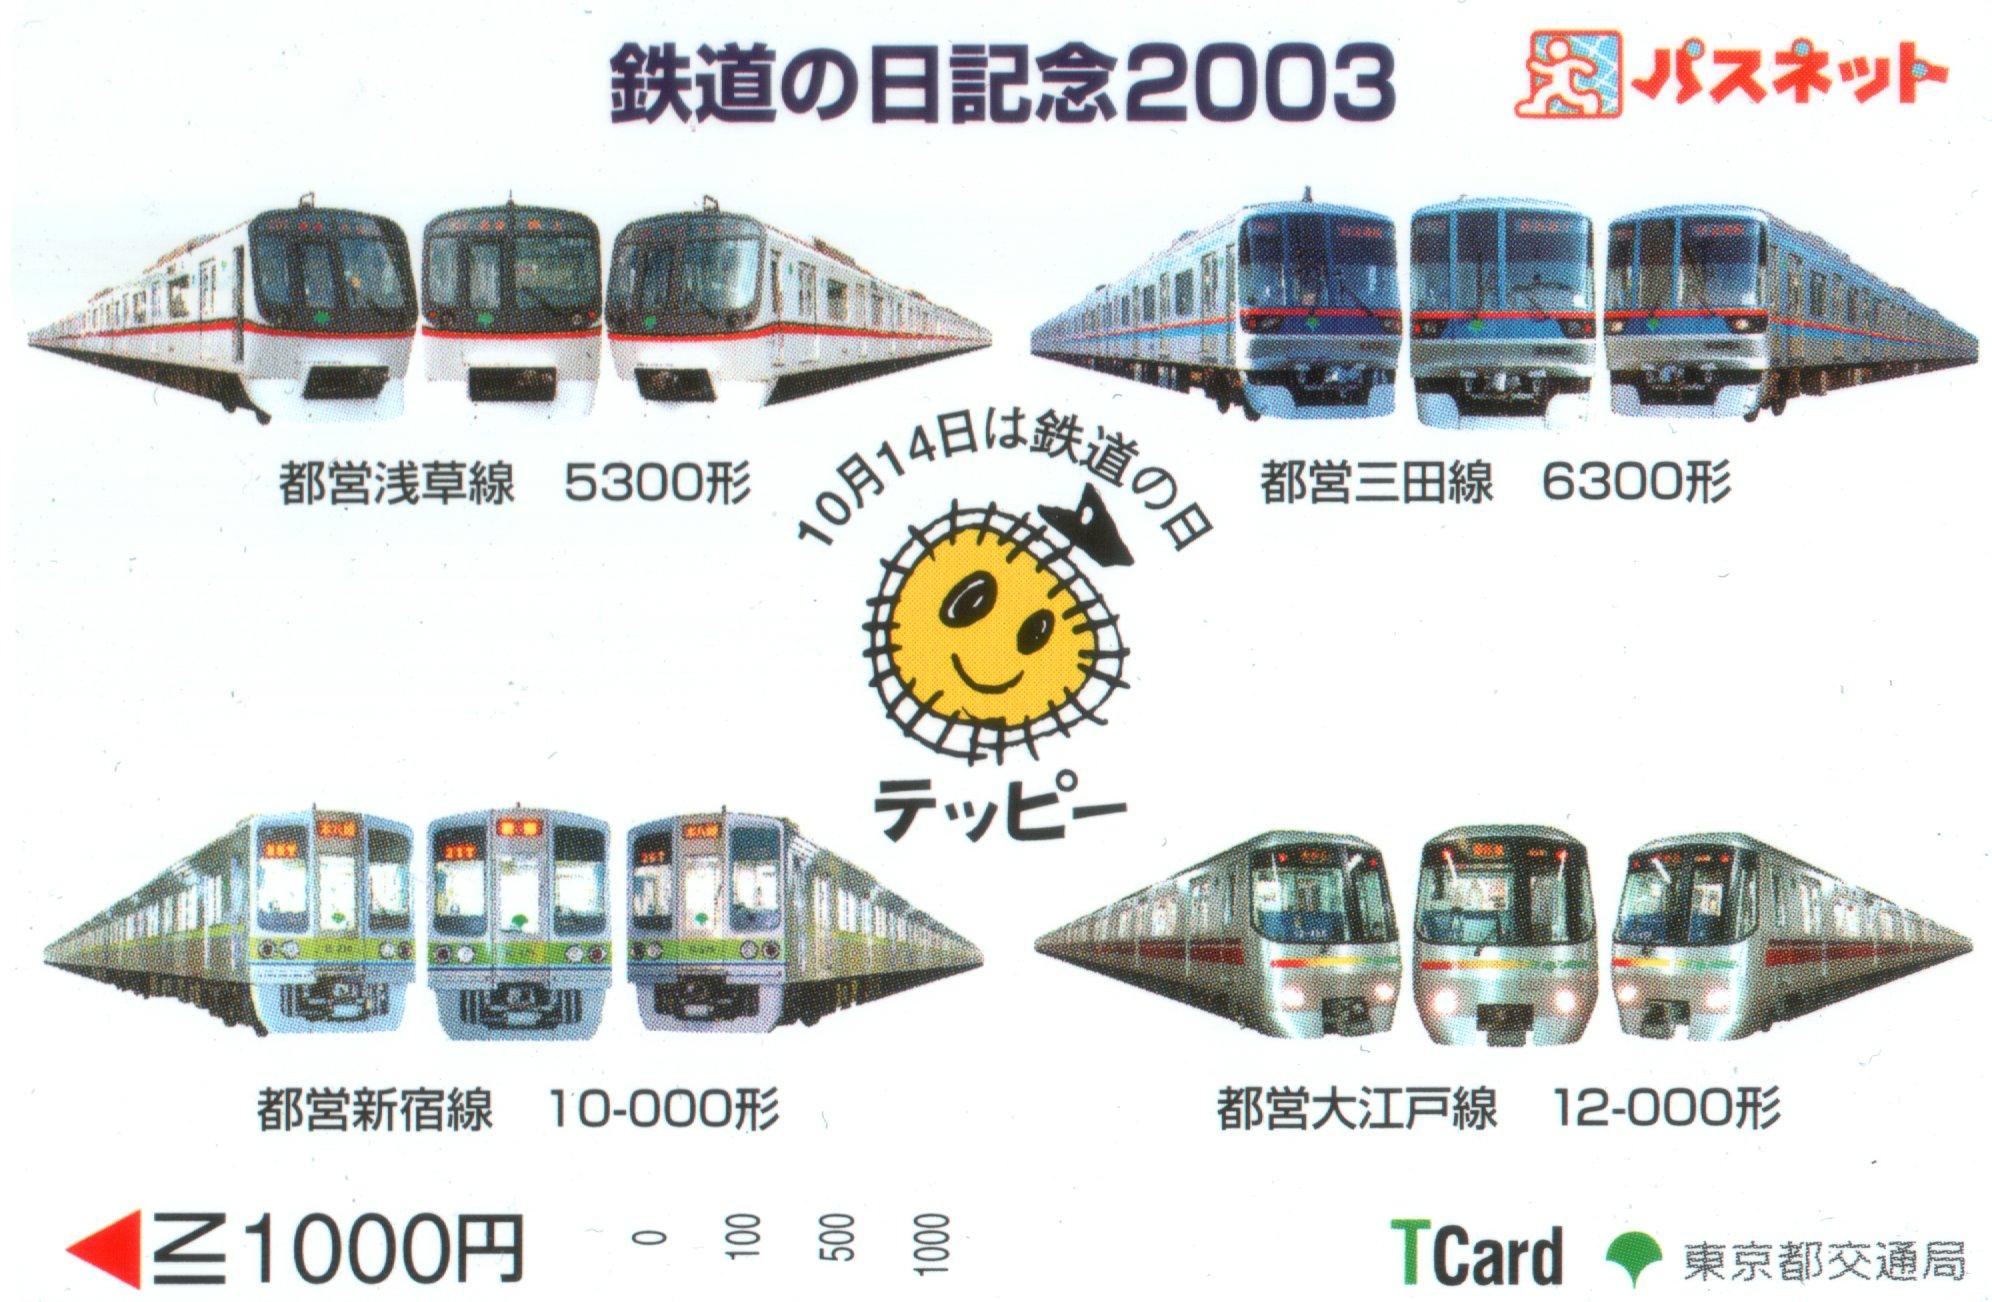 Anniversary of Railway